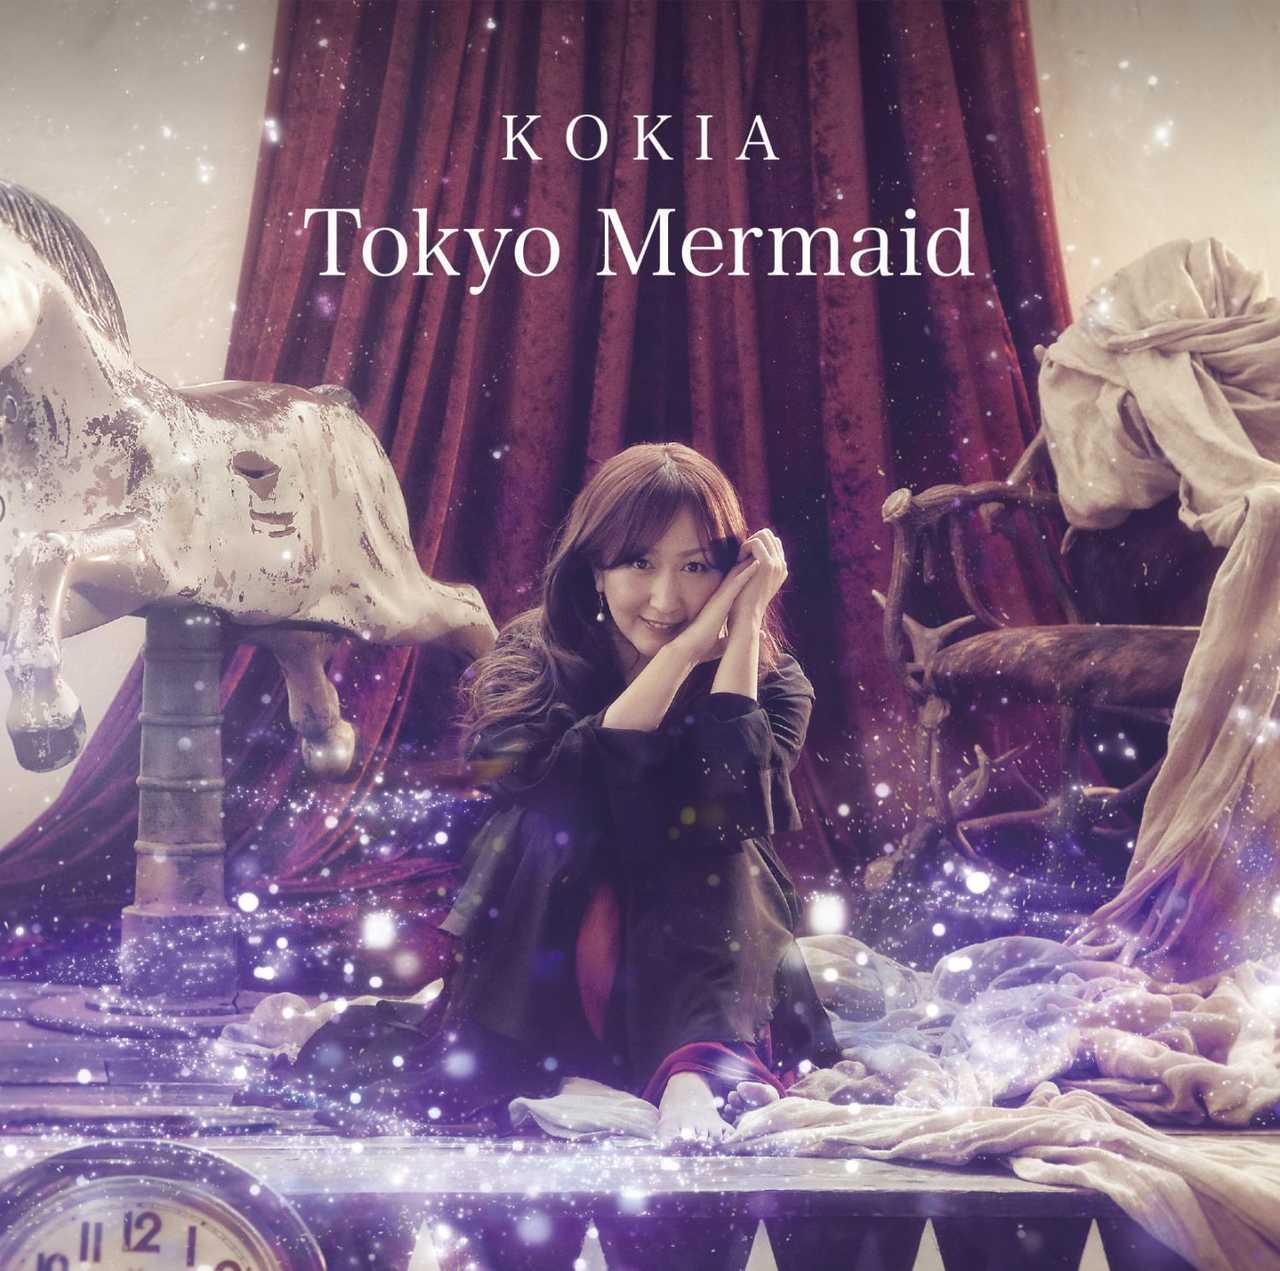 アルバム『Tokyo Mermaid』